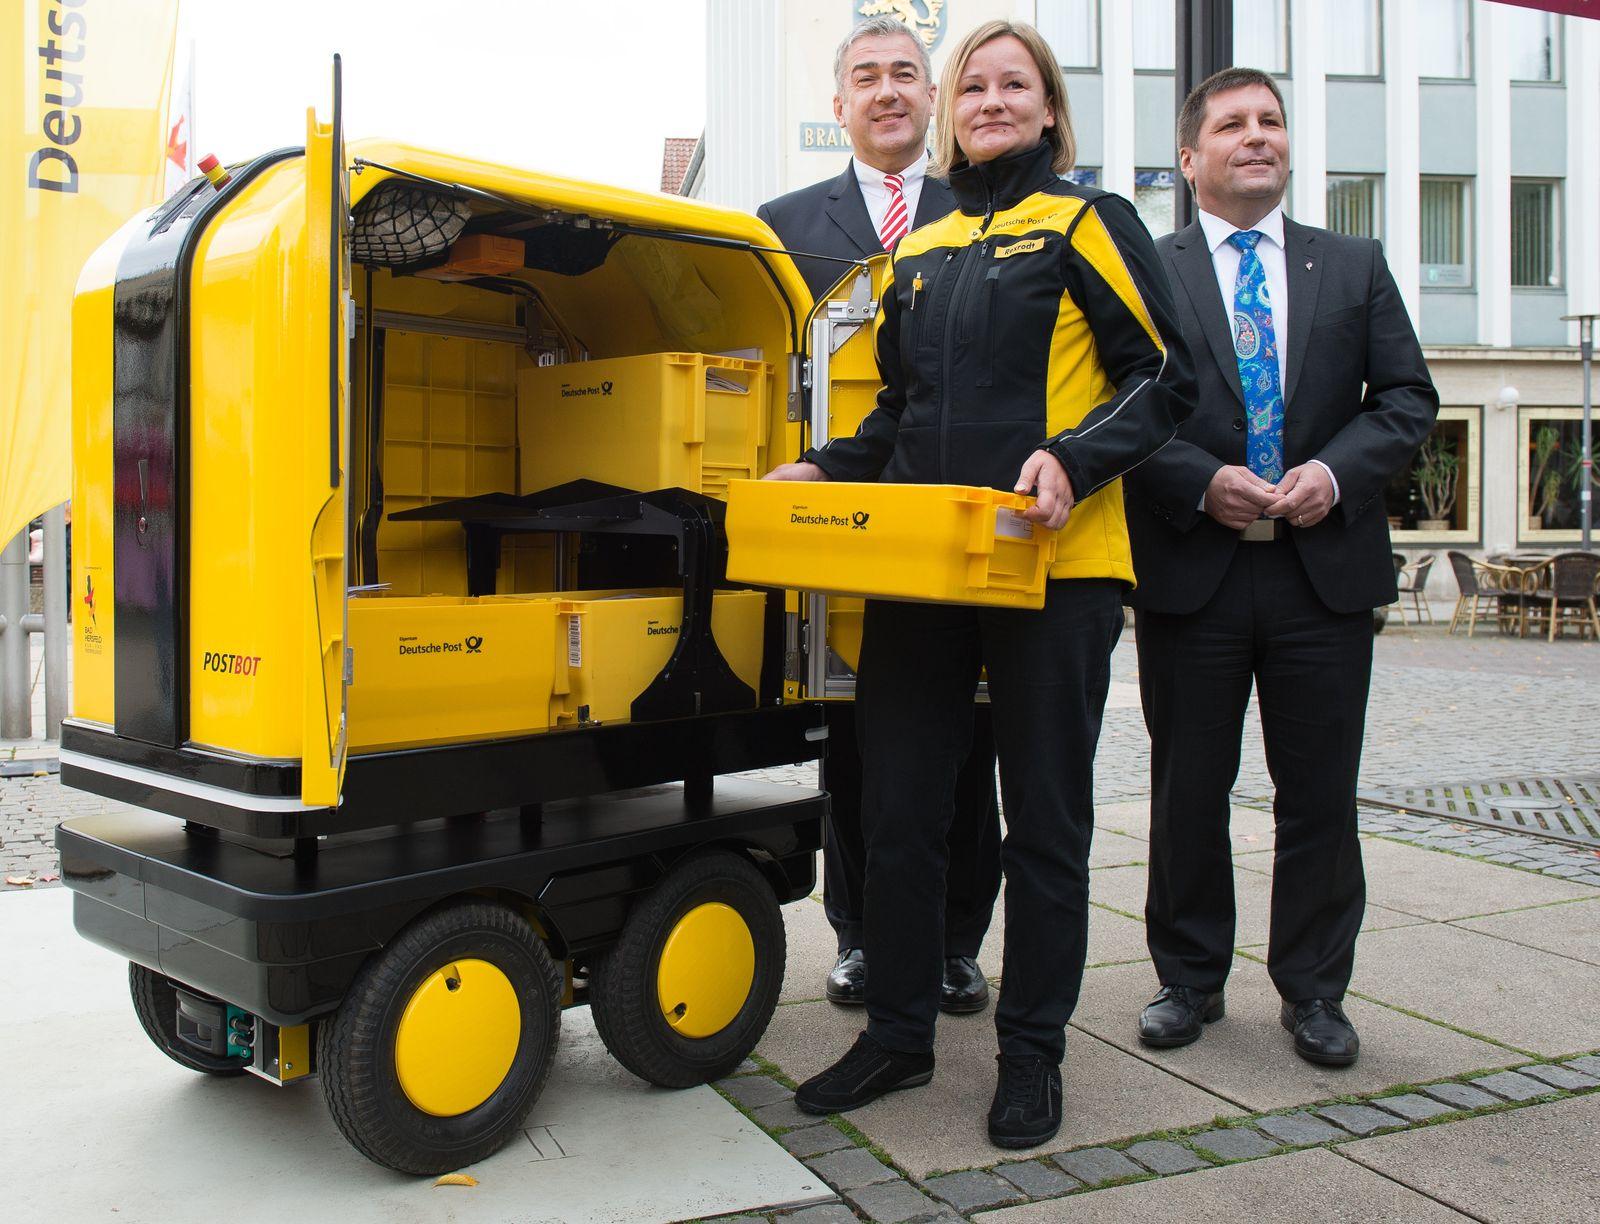 Deutsche Post / Begleit-Roboter